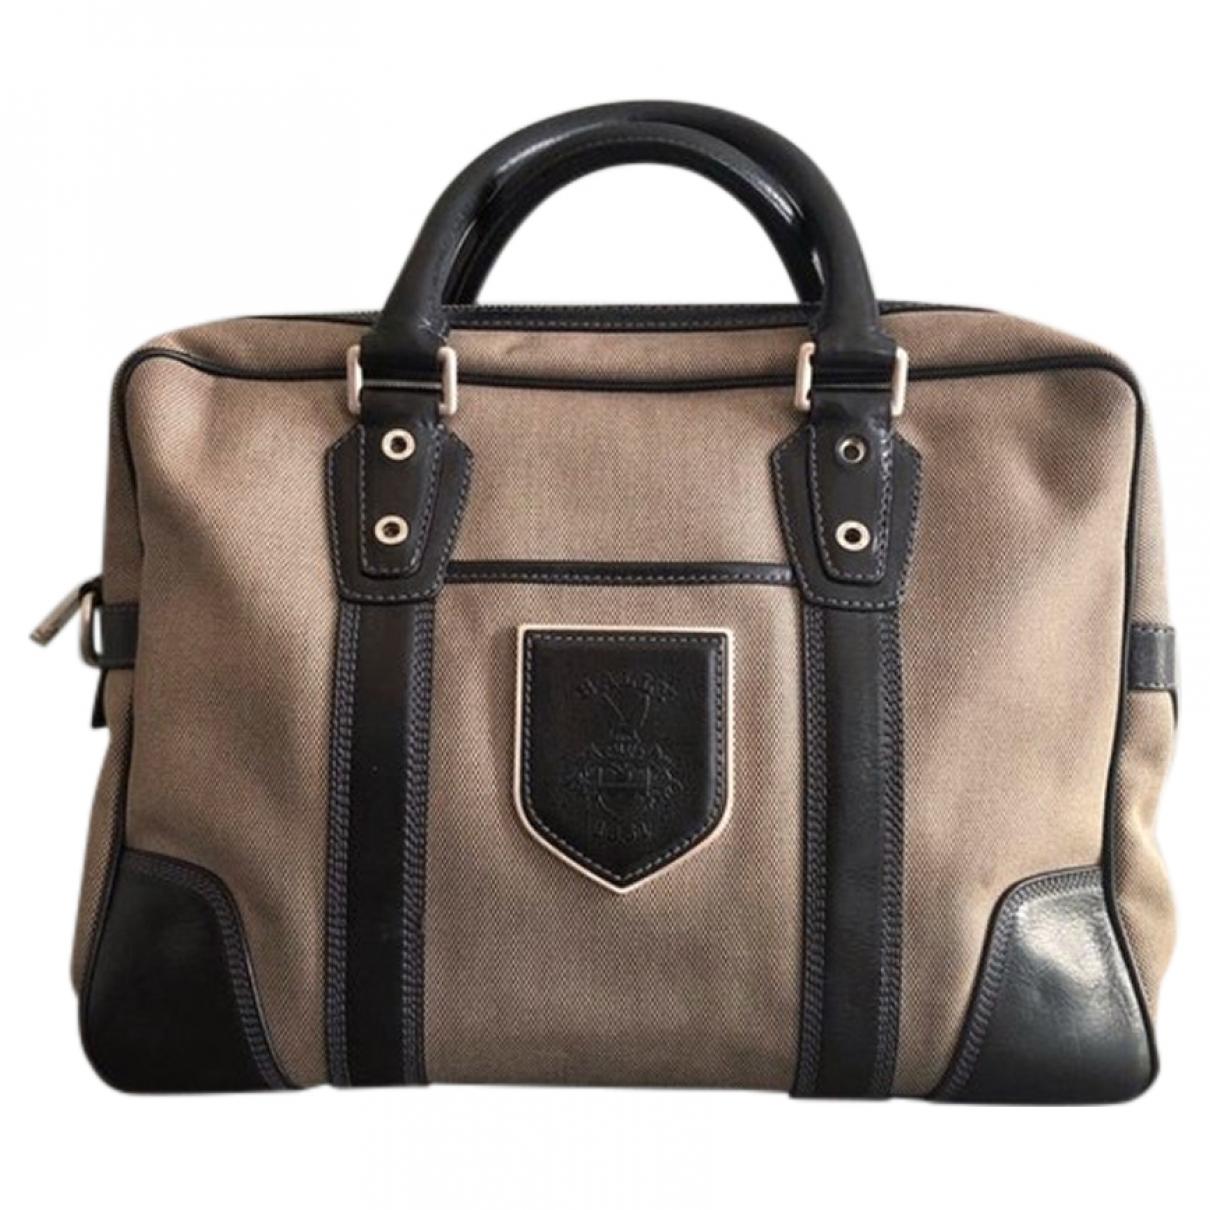 Bally \N Beige Cloth handbag for Women \N